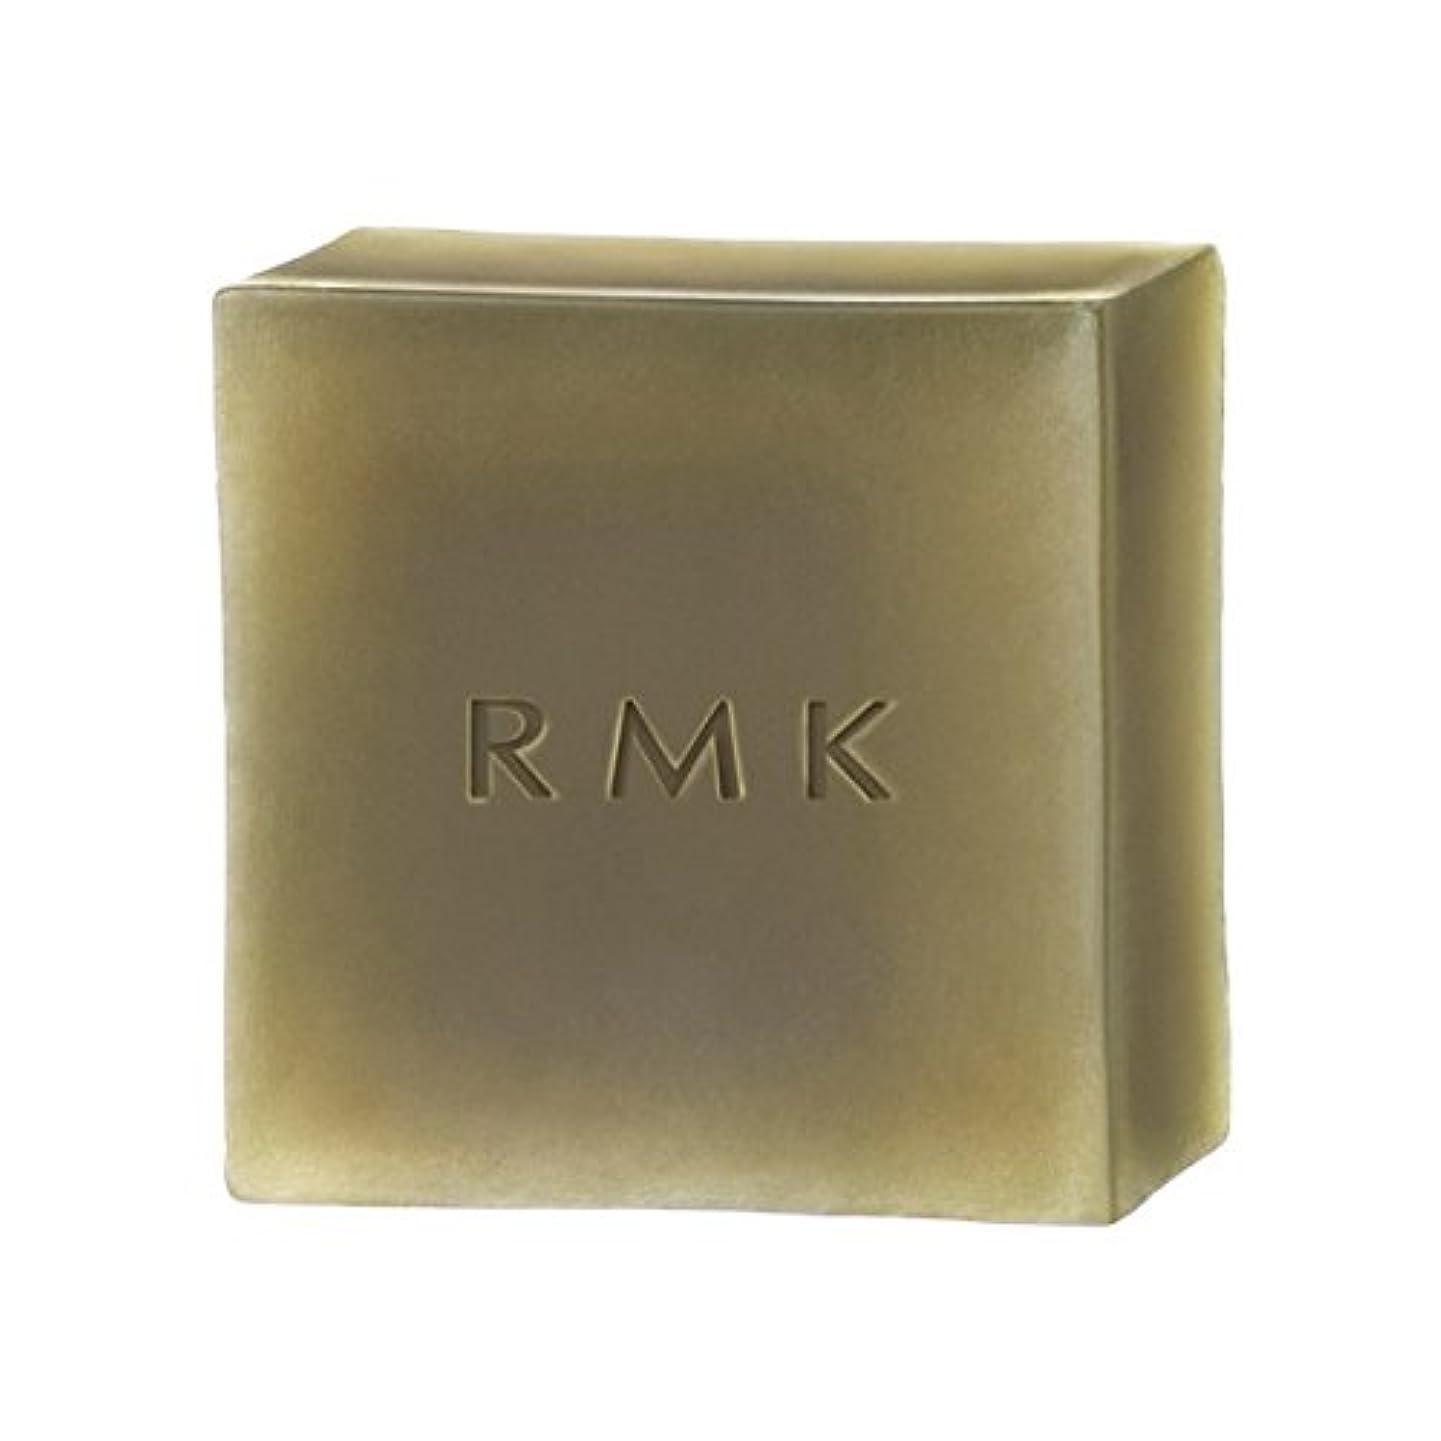 不公平敷居排除するRMK(アールエムケー) スムース ソープバー 130g